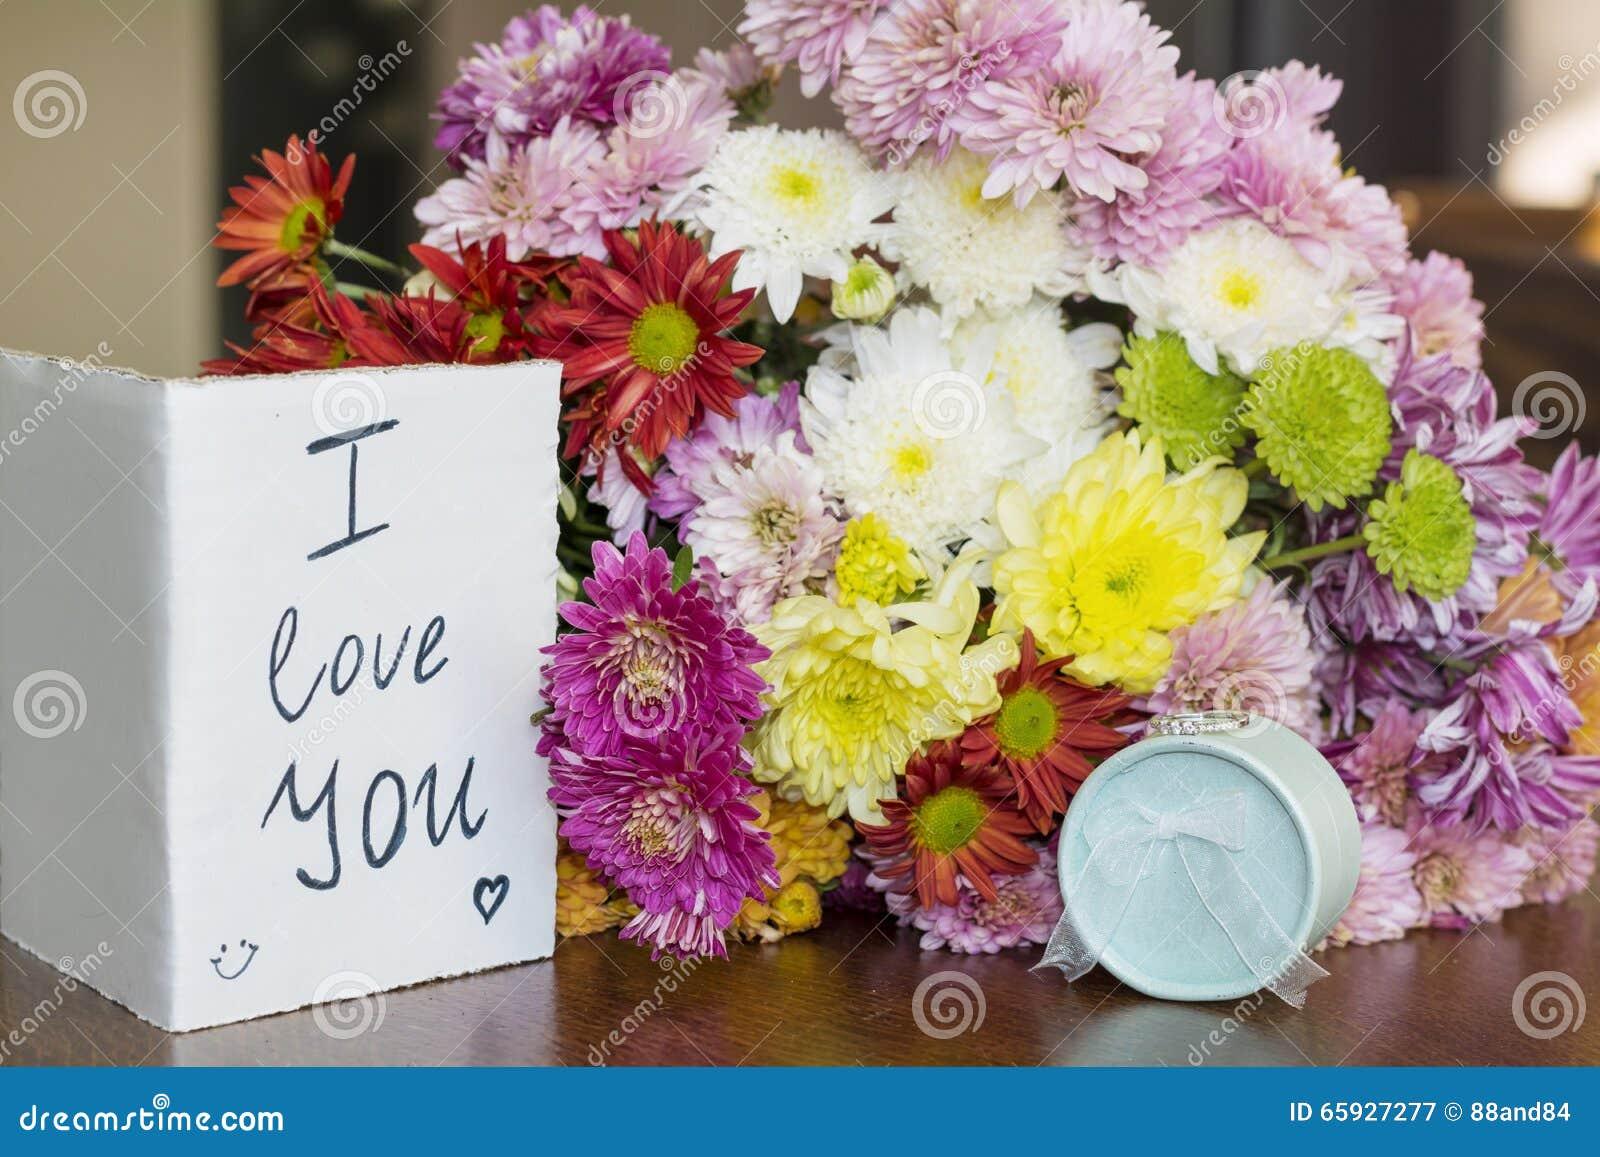 Beautiful Pink Chrysanthemums Bouquet I Love You Card Stock Photos